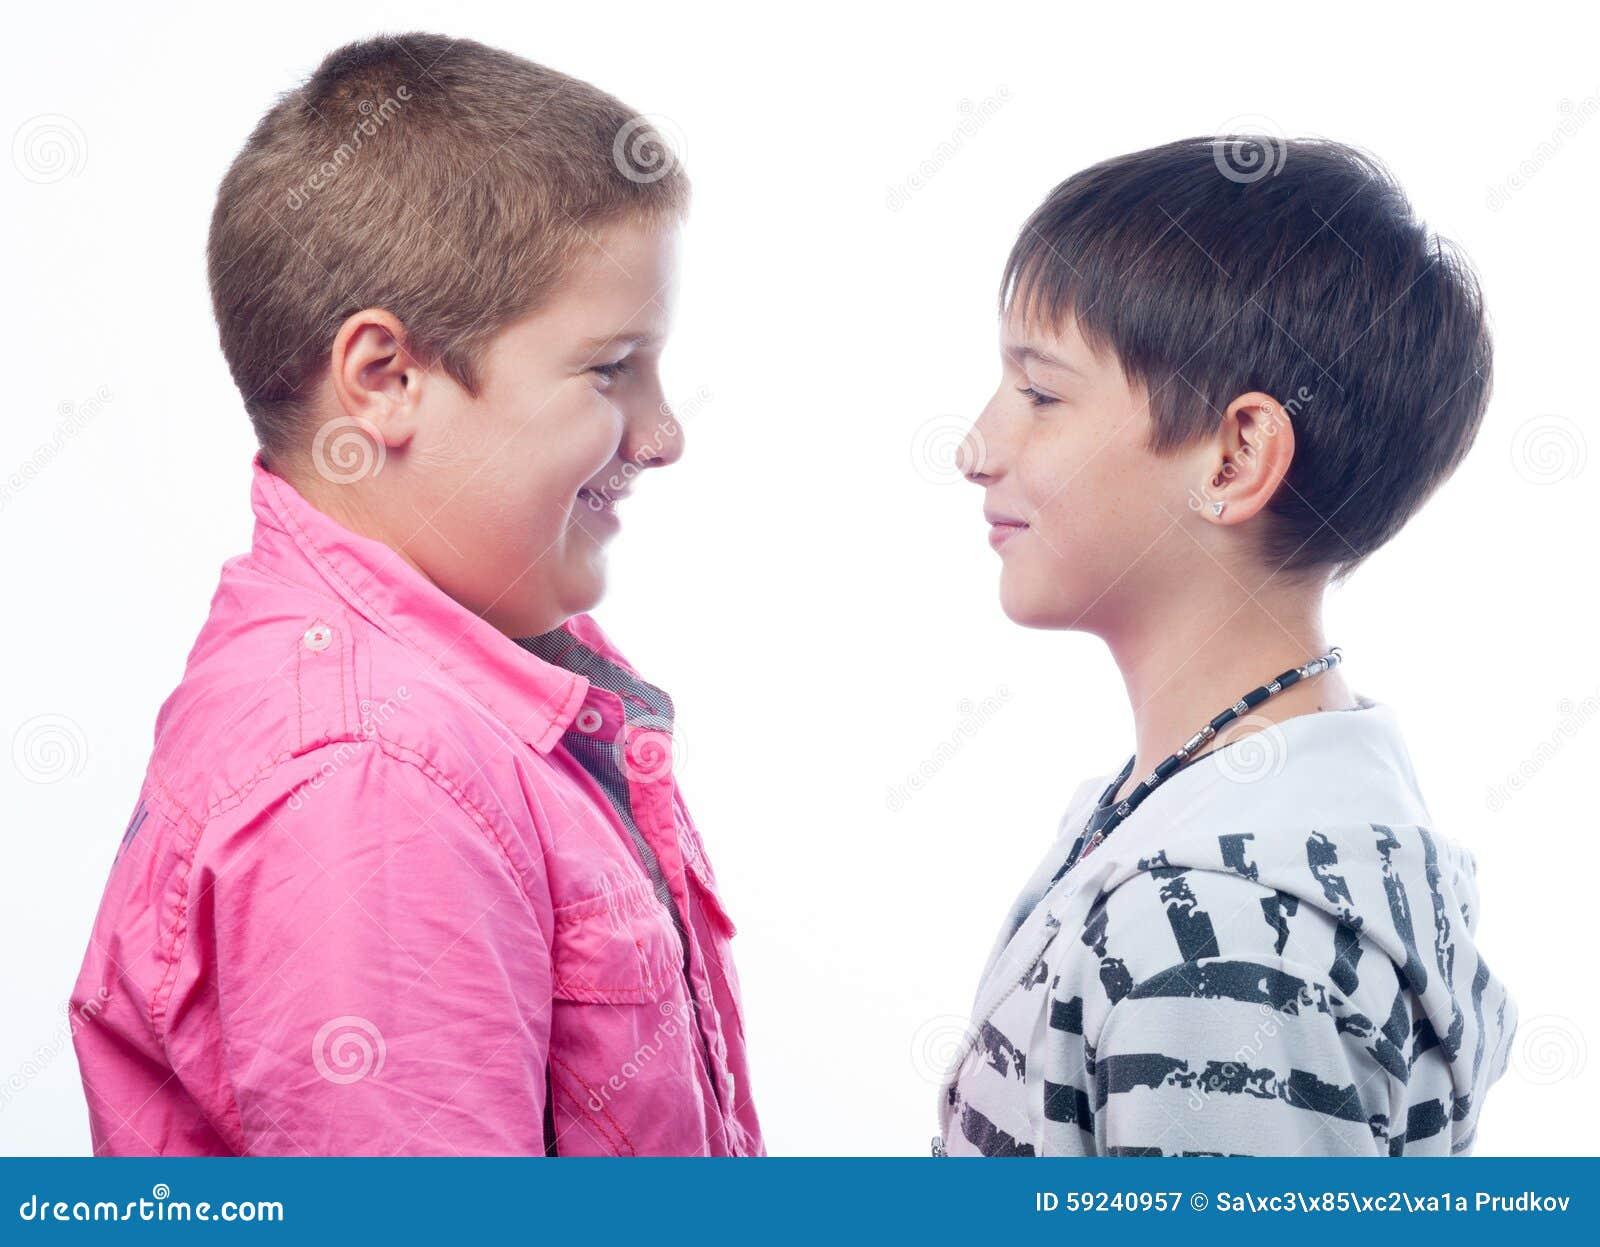 Twee tieners die bij elkaar glimlachen geïsoleerd op wit